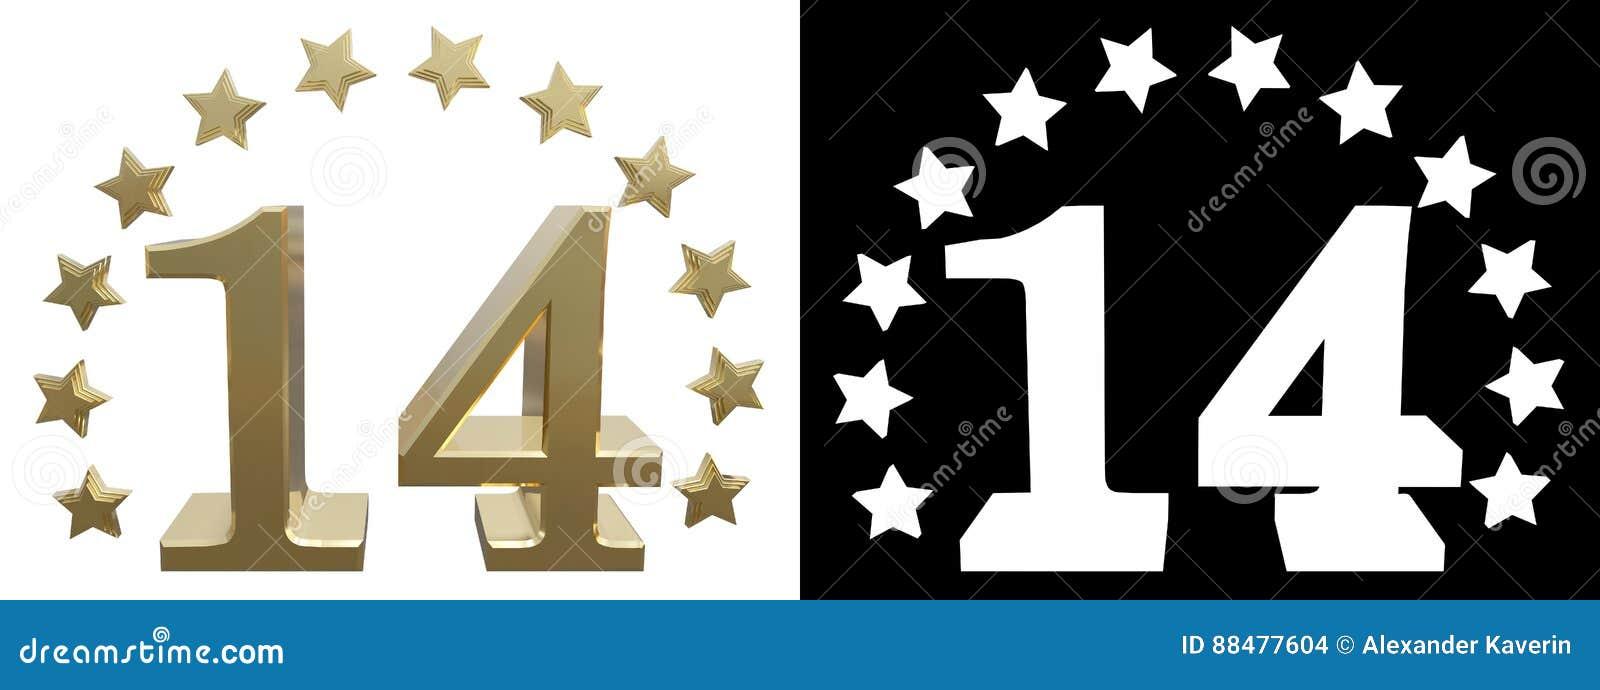 Χρυσός αριθμός δεκατέσσερα, που διακοσμείται με έναν κύκλο των αστεριών τρισδιάστατη απεικόνιση